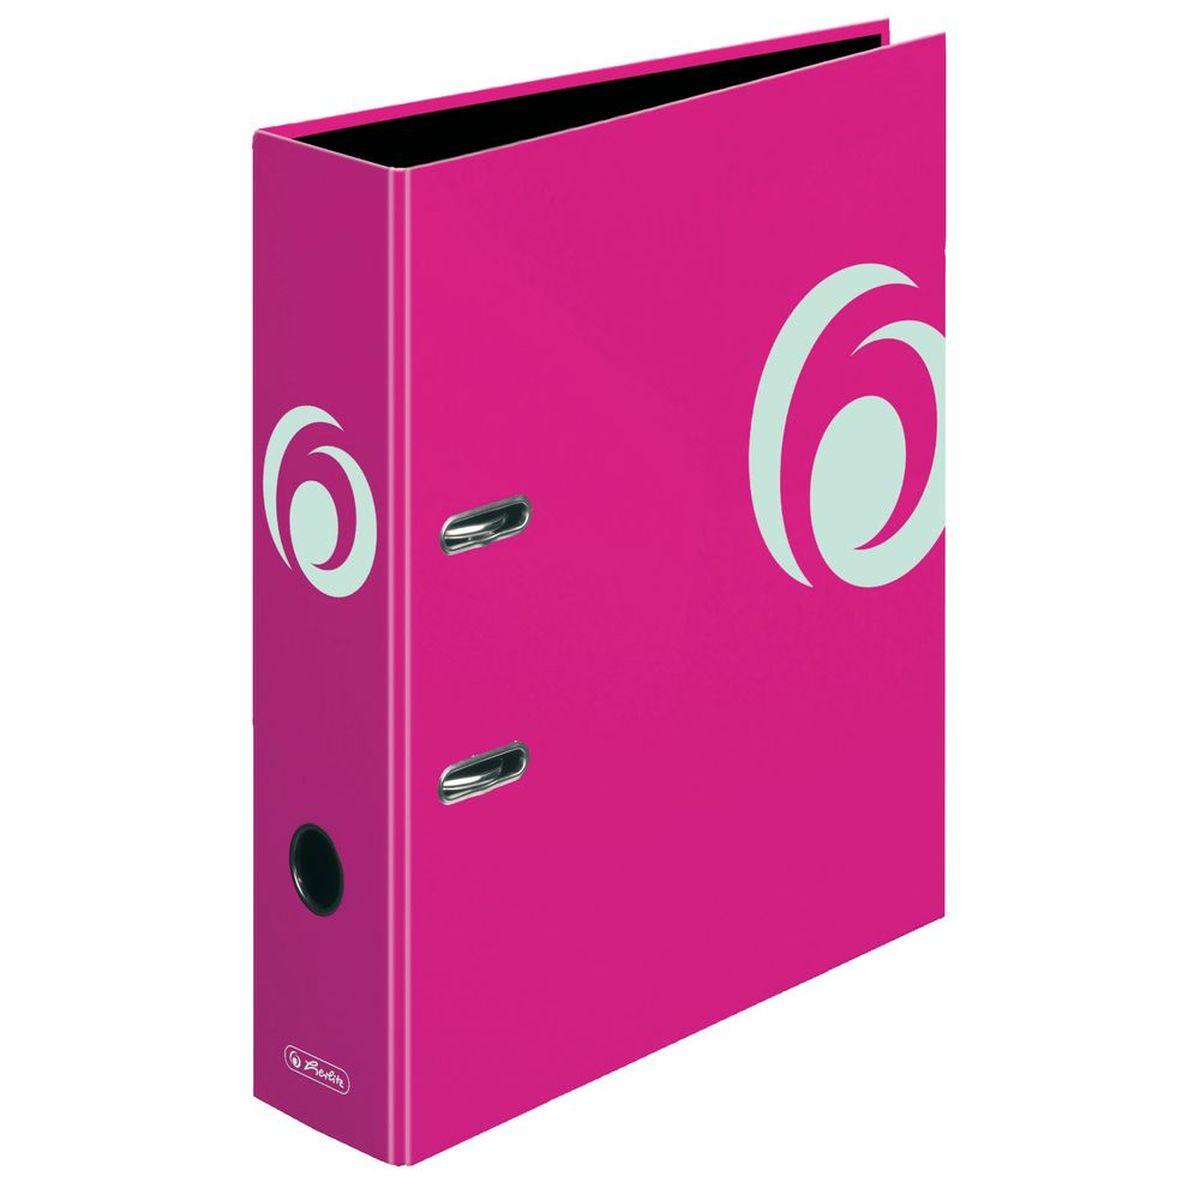 Herlitz Папка-регистратор MaX.file цвет розовый11364320Практичная папка-регистратор Herlitz maX.file предназначена для хранения больших объемов документов. Ее обложка выполнена из ламинированного картона, с отделкой выборочным лаком. Папка оснащена прочным арочным механизмом улучшенного высокого качества с увеличенной прижимной силой. Основа папки изготовлена из прочного FSC-сертифицированного картона.Папка-регистратор значительно облегчает делопроизводство. Яркий розовый дизайн позволит ей стать достойным аксессуаром среди ваших канцелярских принадлежностей.